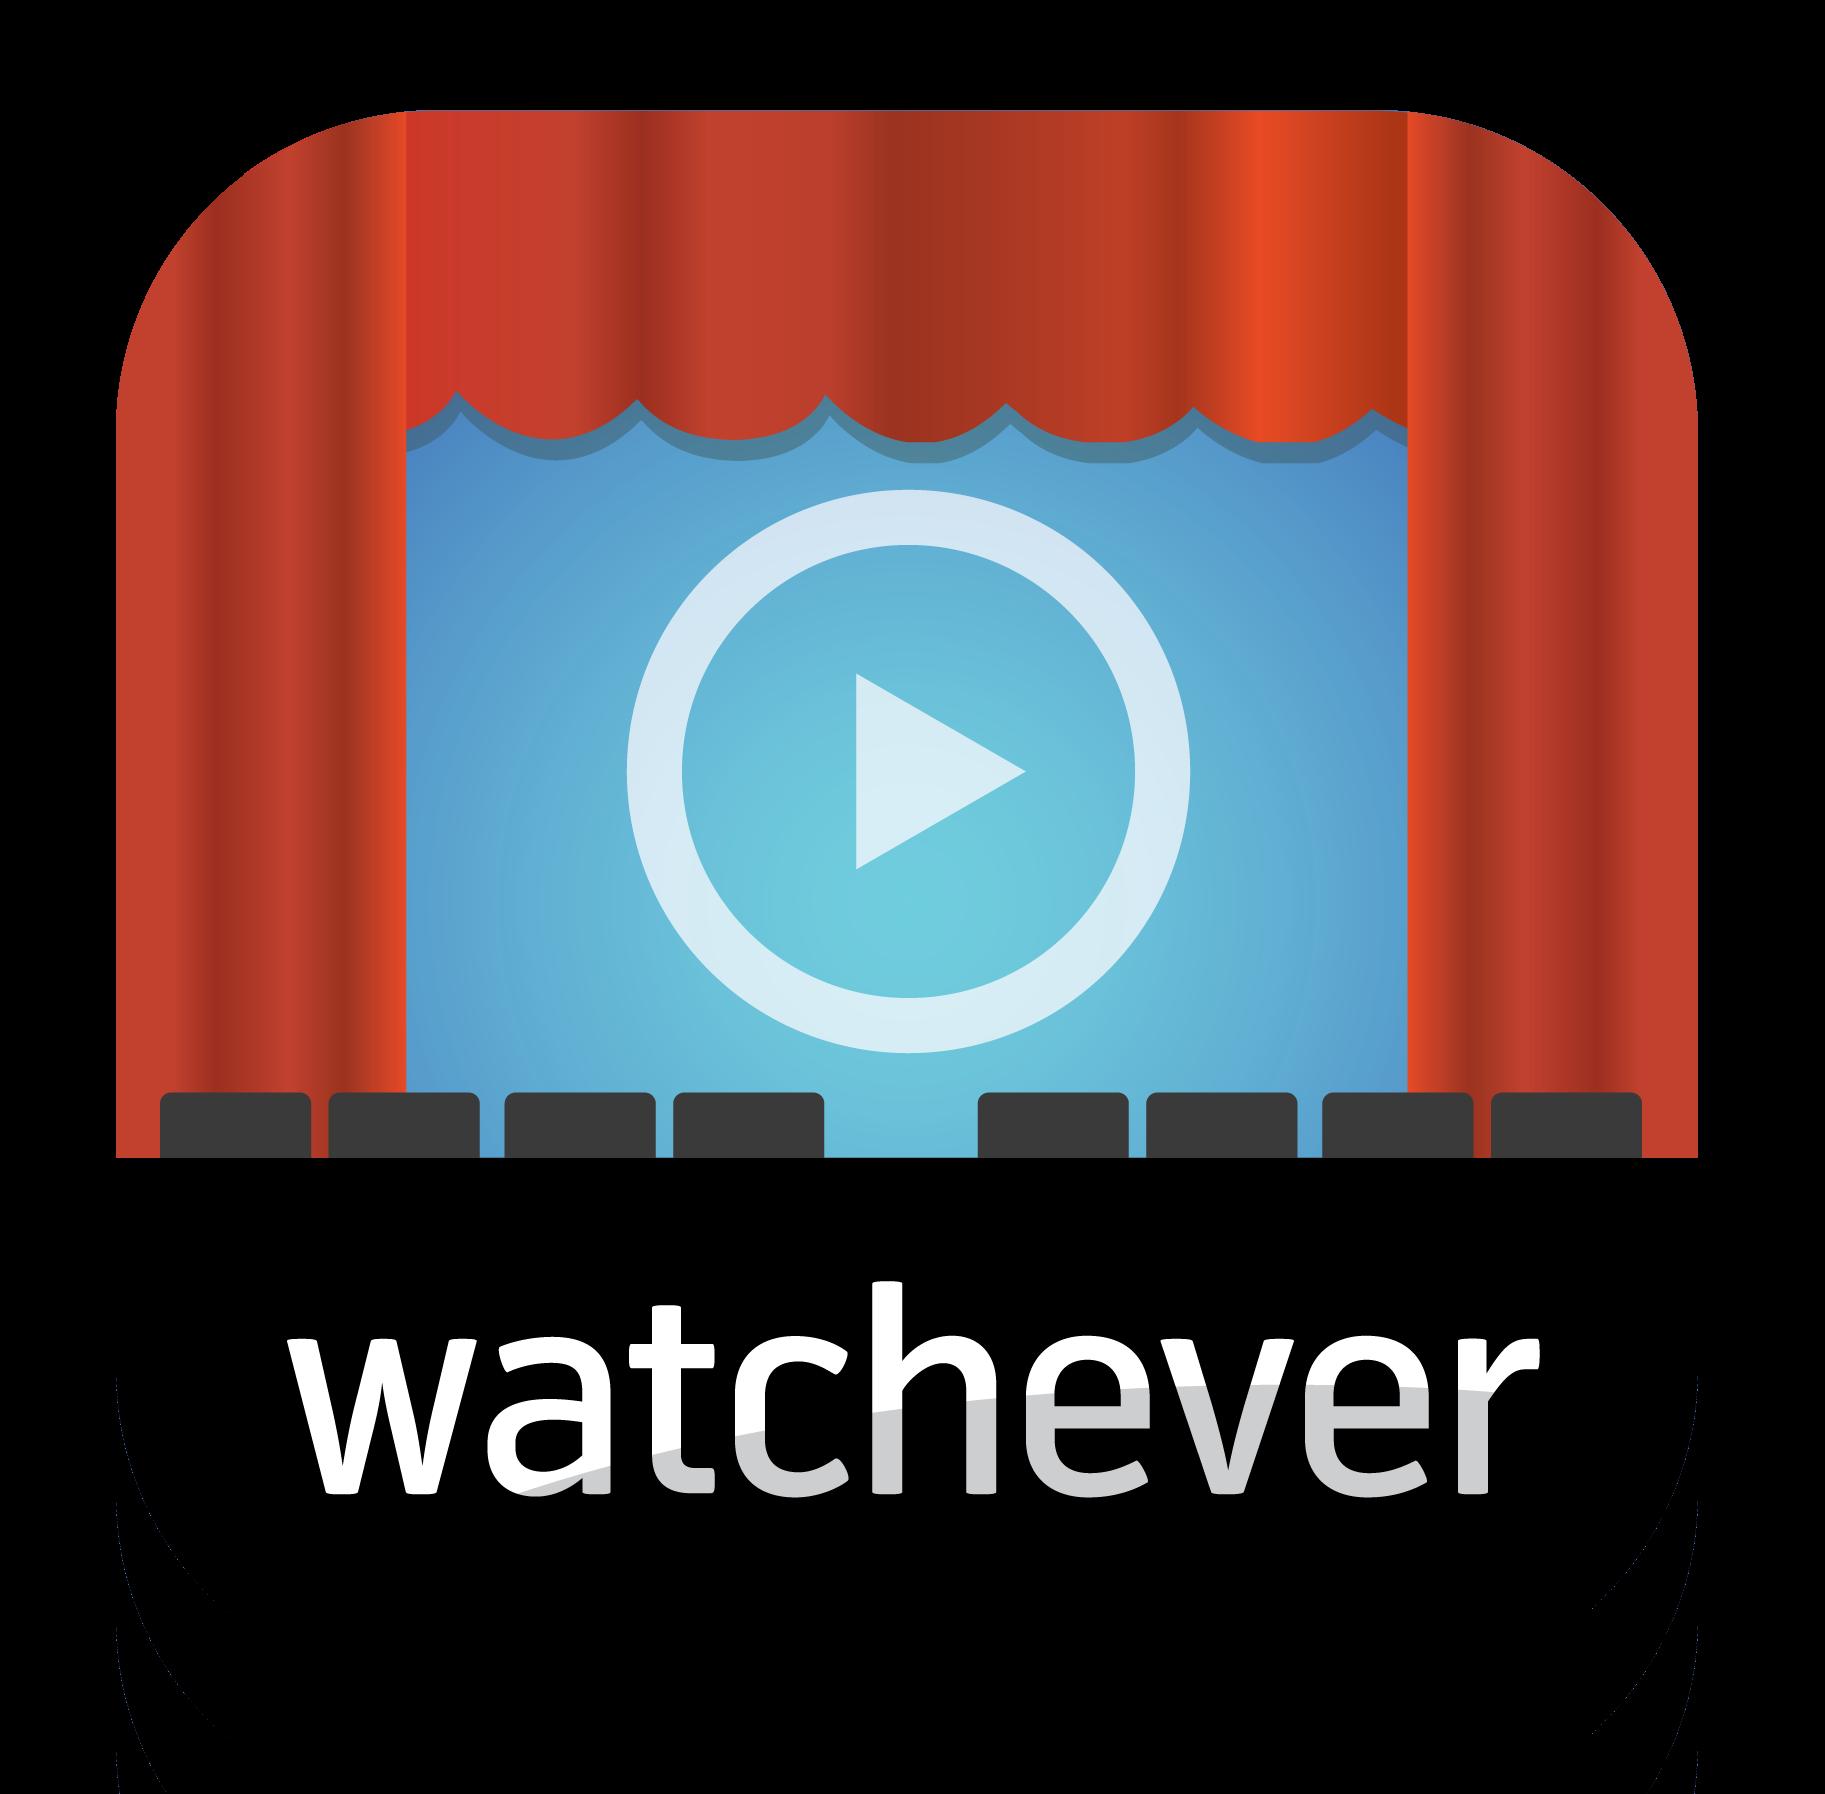 watchever_logo